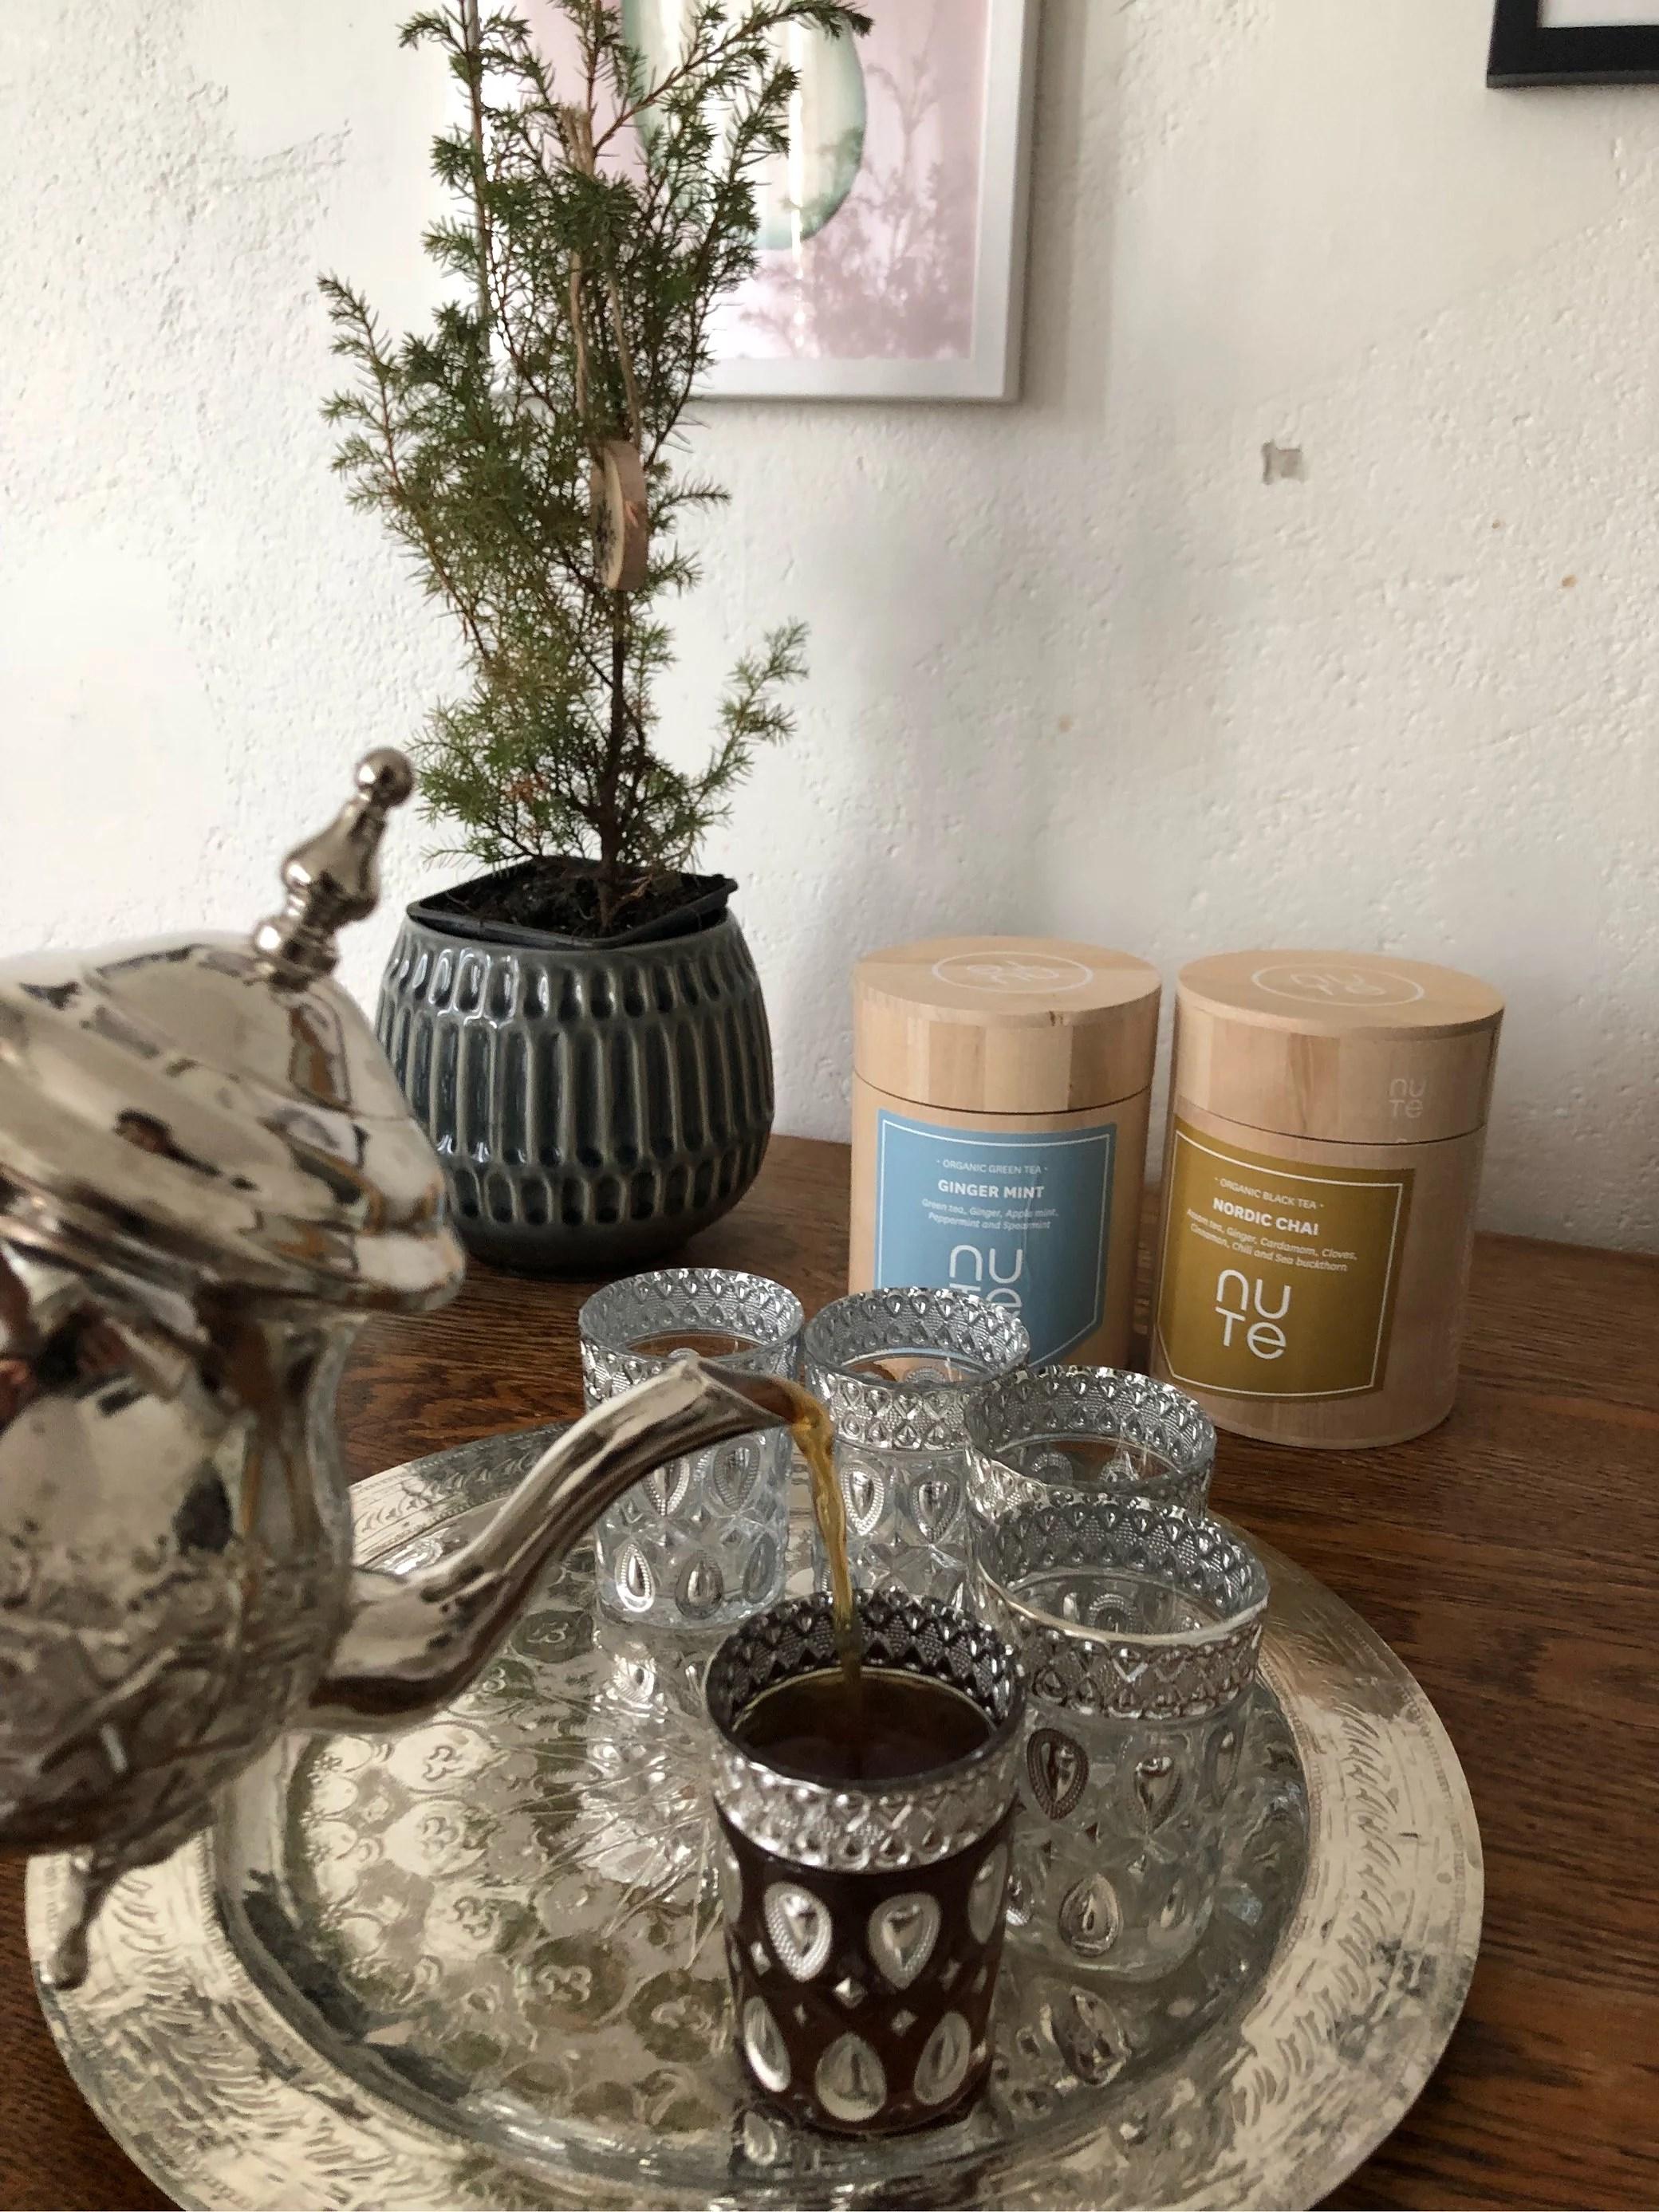 Perfekt at servere til gæster